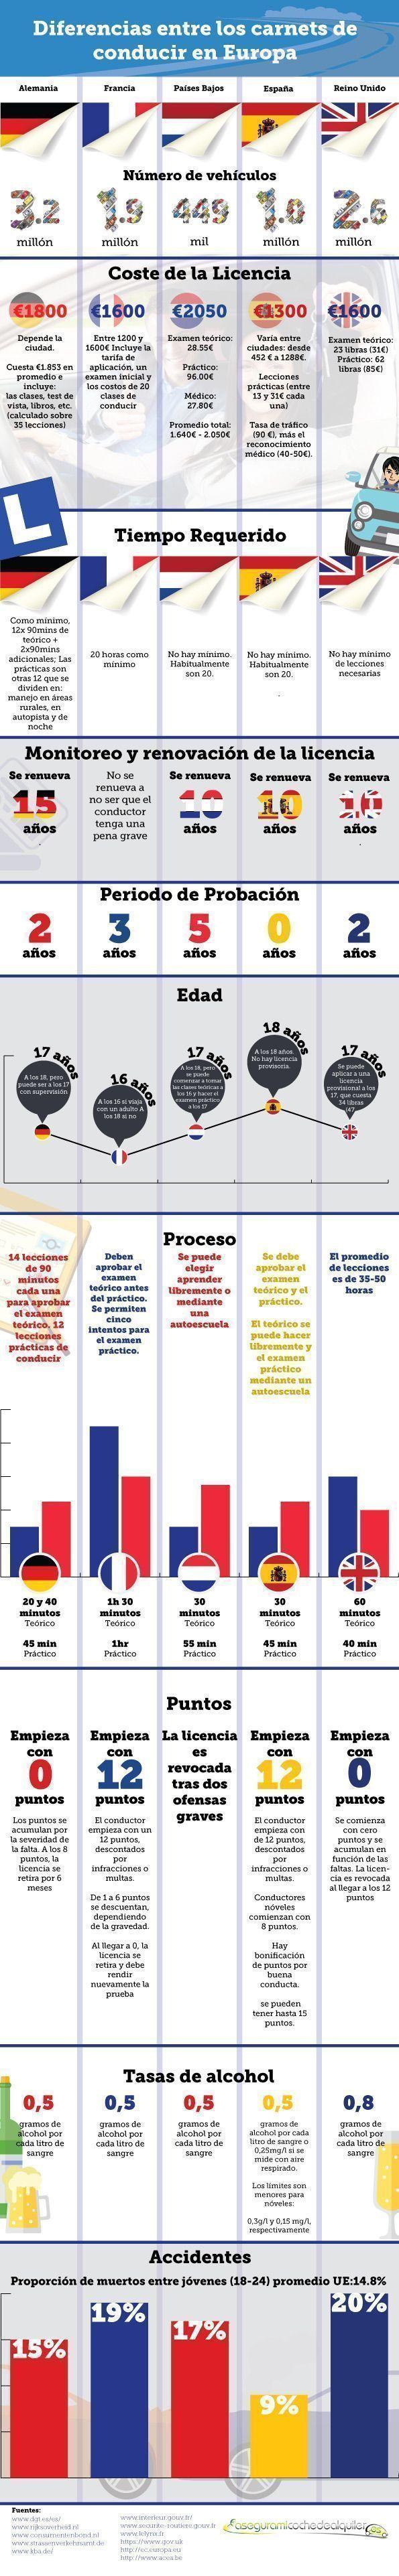 licencias-de-conducir-en-europa-infografIa